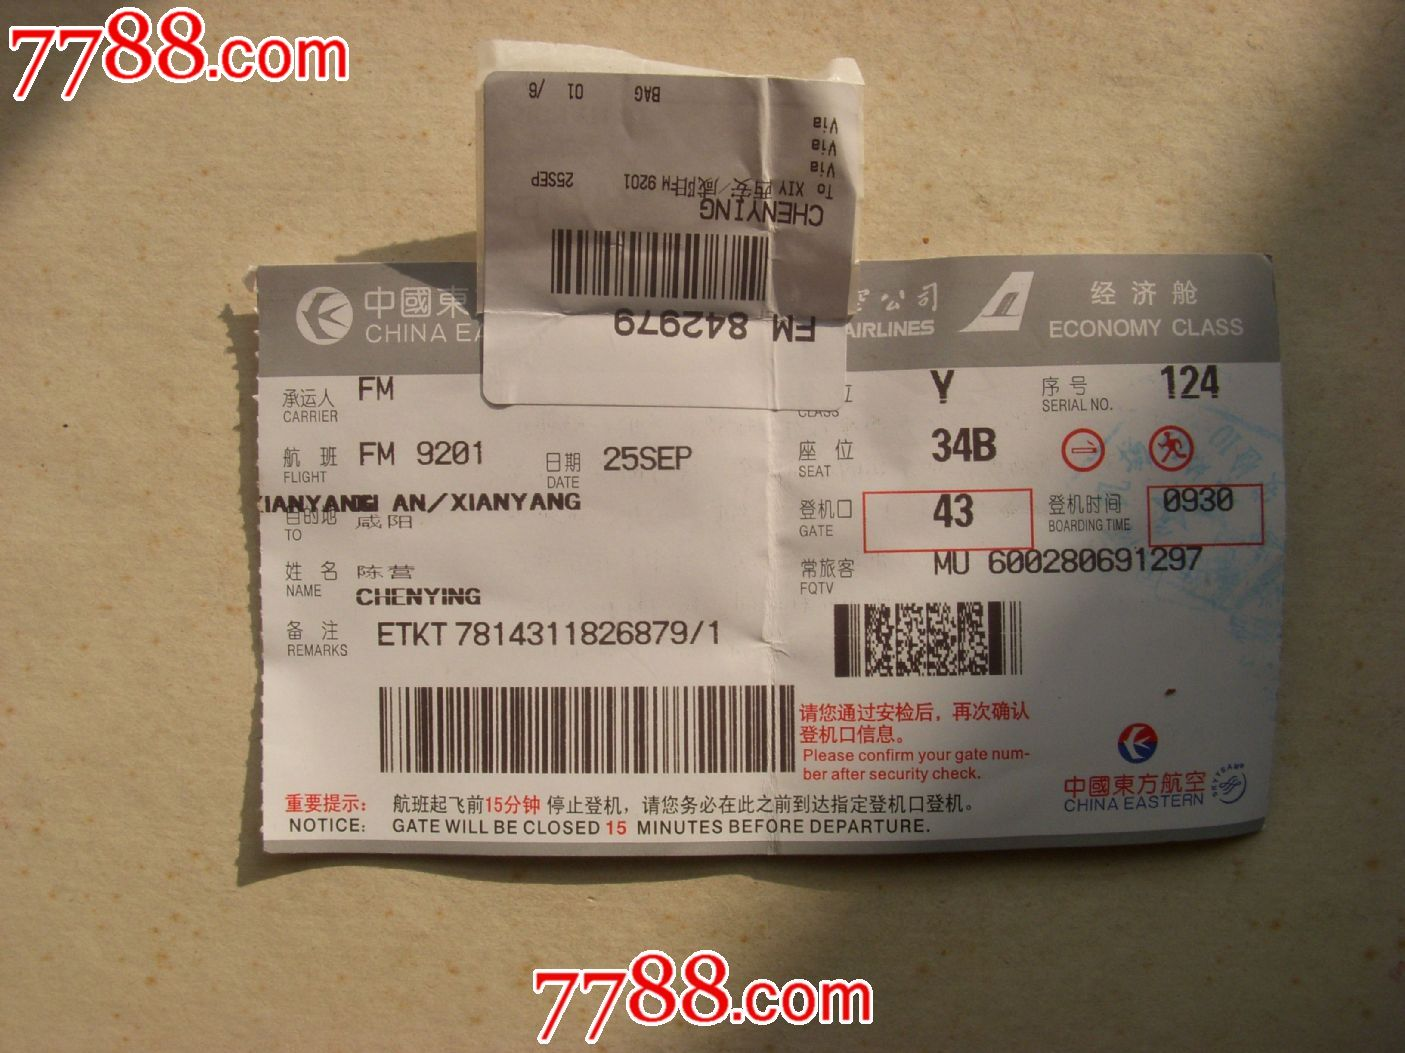 上海东航机票_临沂飞上海的机票_上海到成都机票